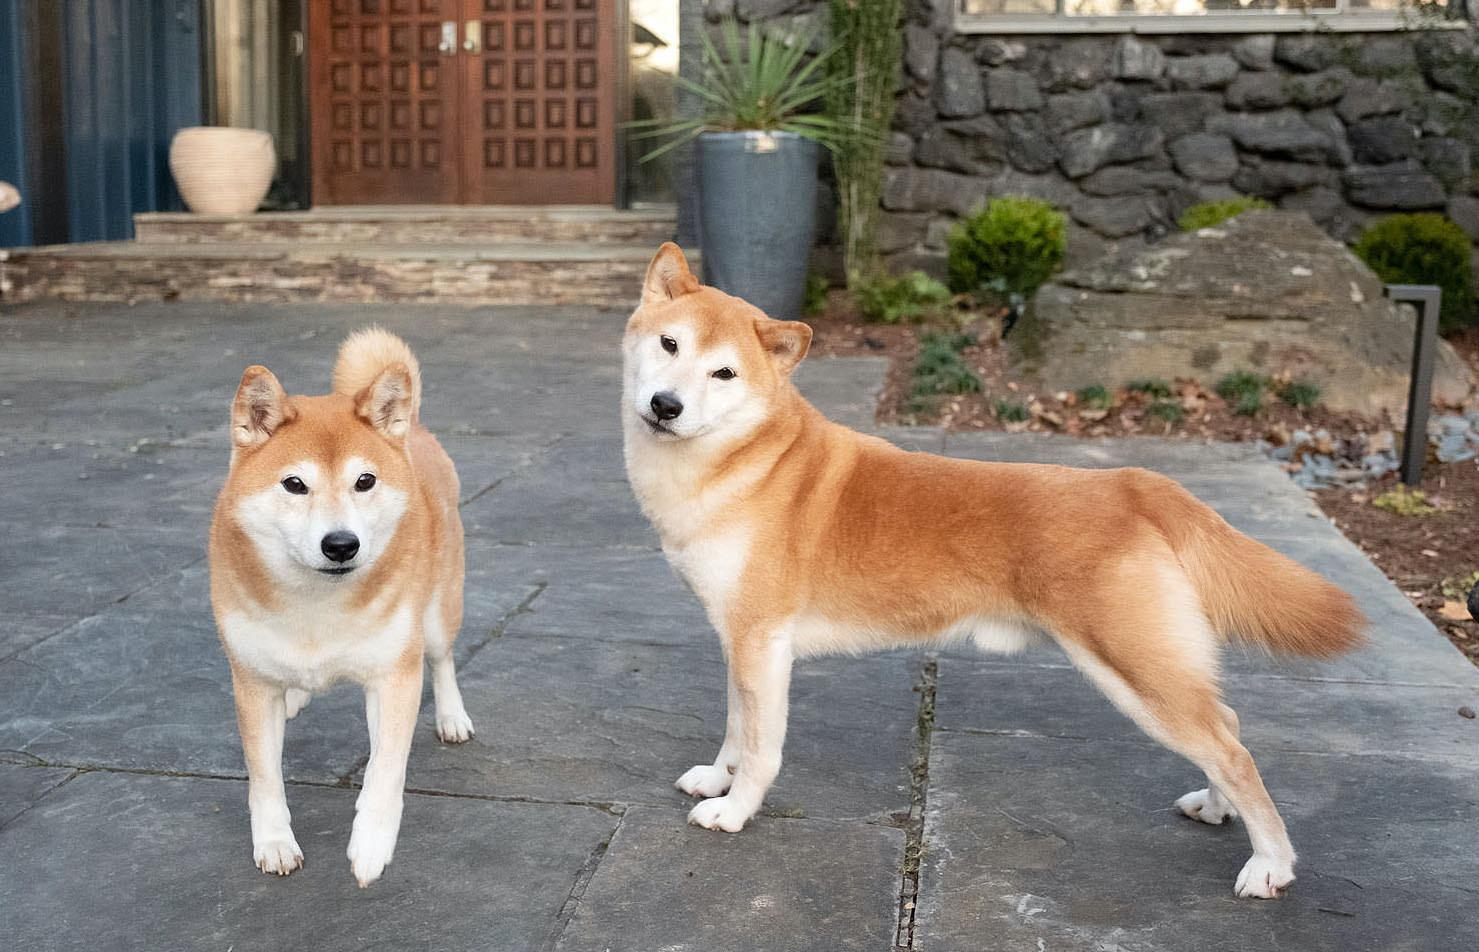 doge shib 1